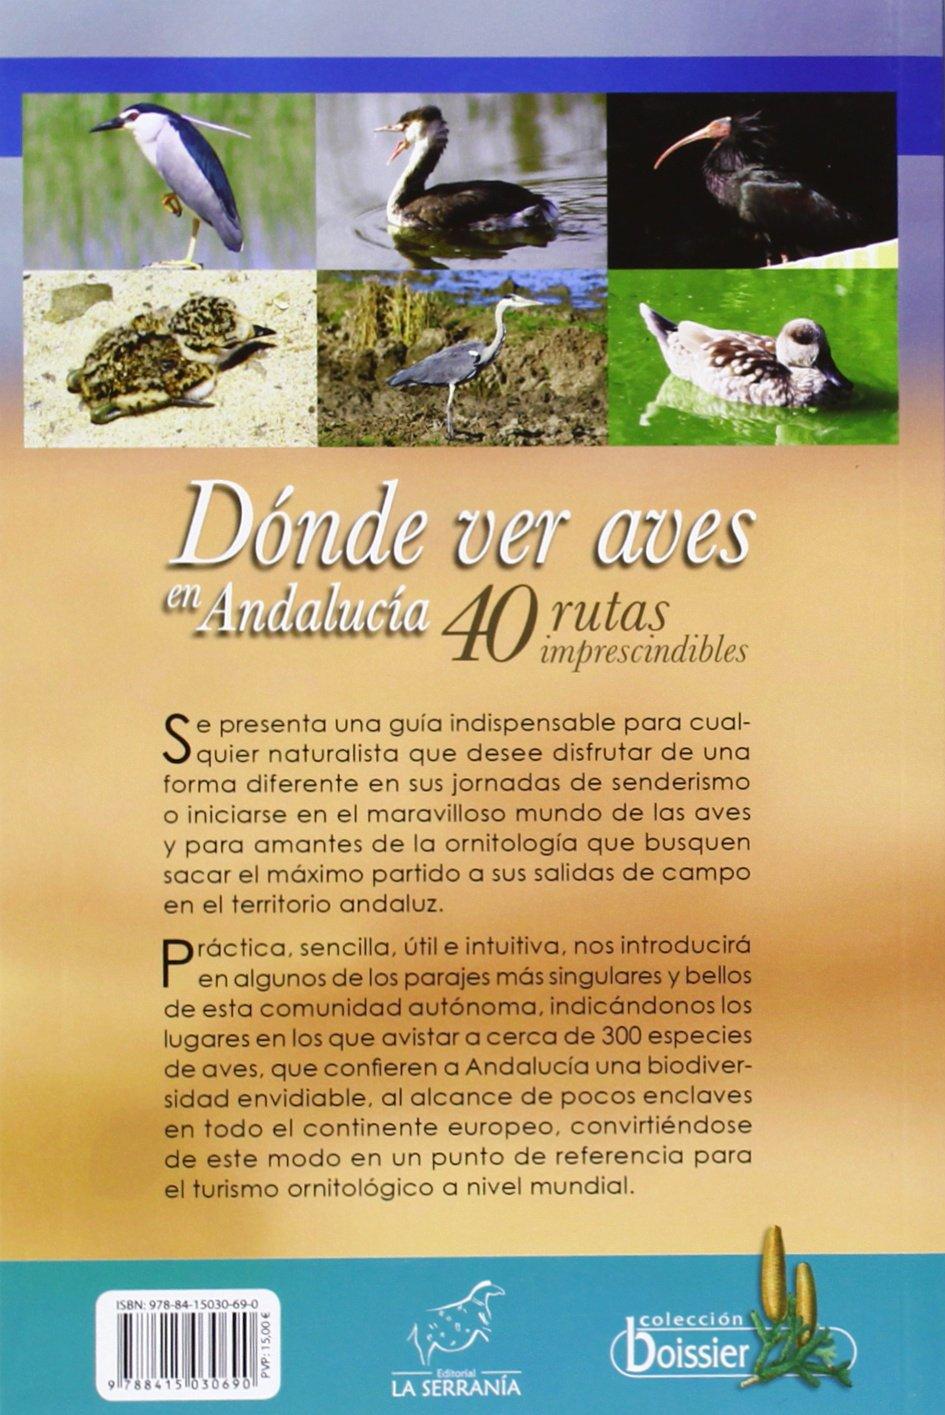 Dónde ver aves en Andalucía: 40 rutas imprescindibles: Amazon.es: Ignacio Molina Gil-Bermejo ; Sonia Ortega Virtud: Libros